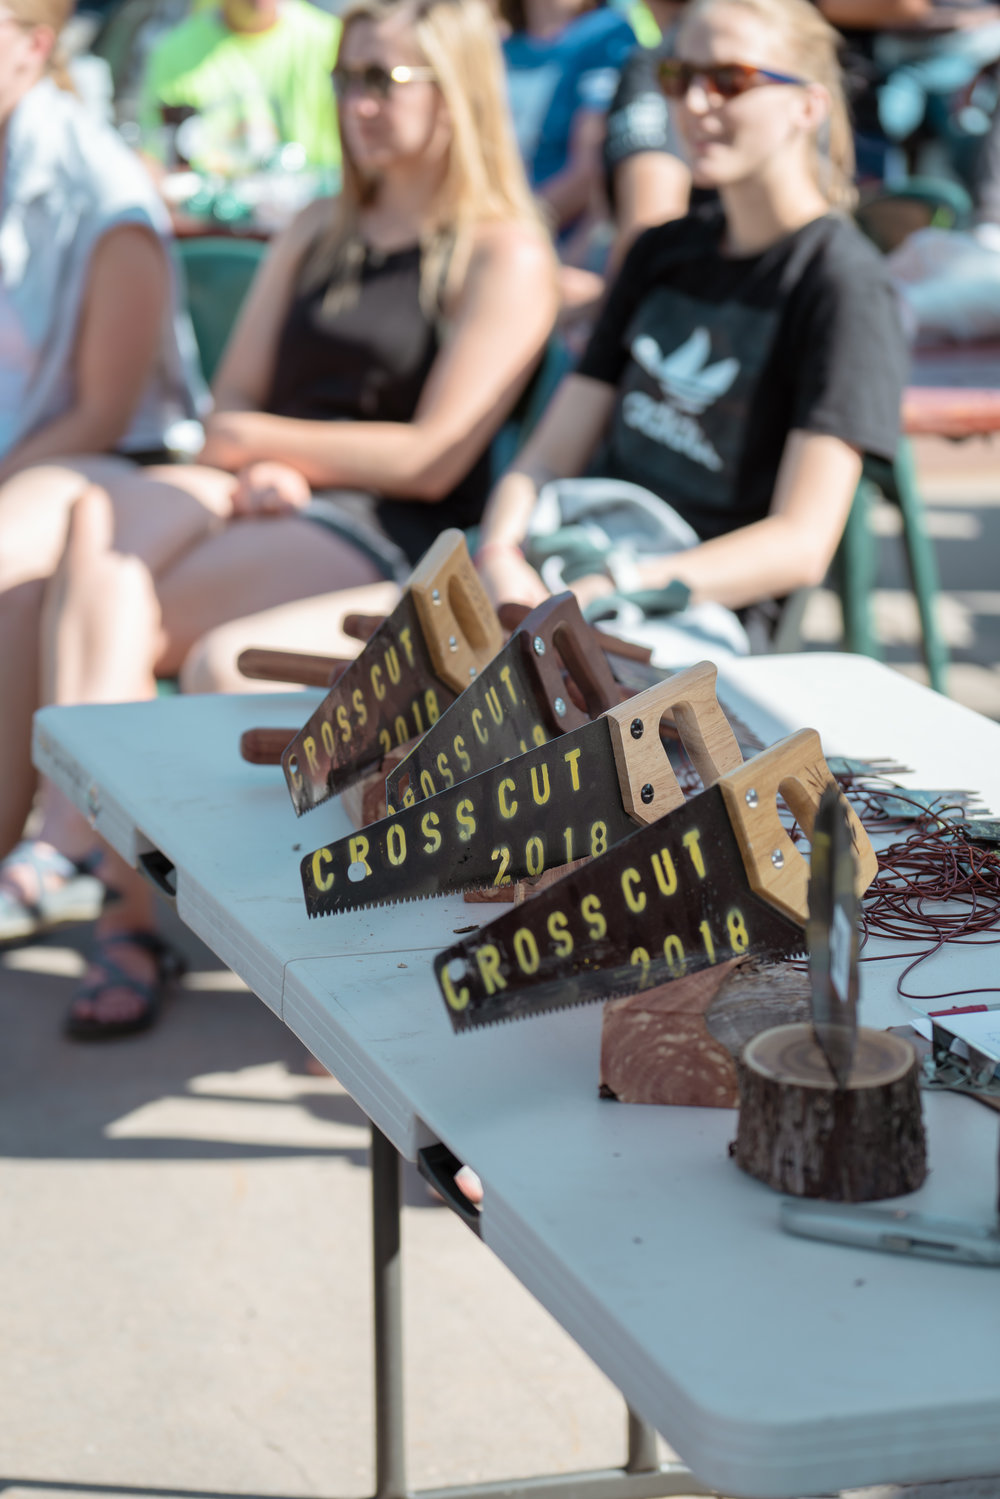 The awards at Bozeman Running Co. racing of Crosscuts at Bridger Bowl just north of Bozeman, Montana.